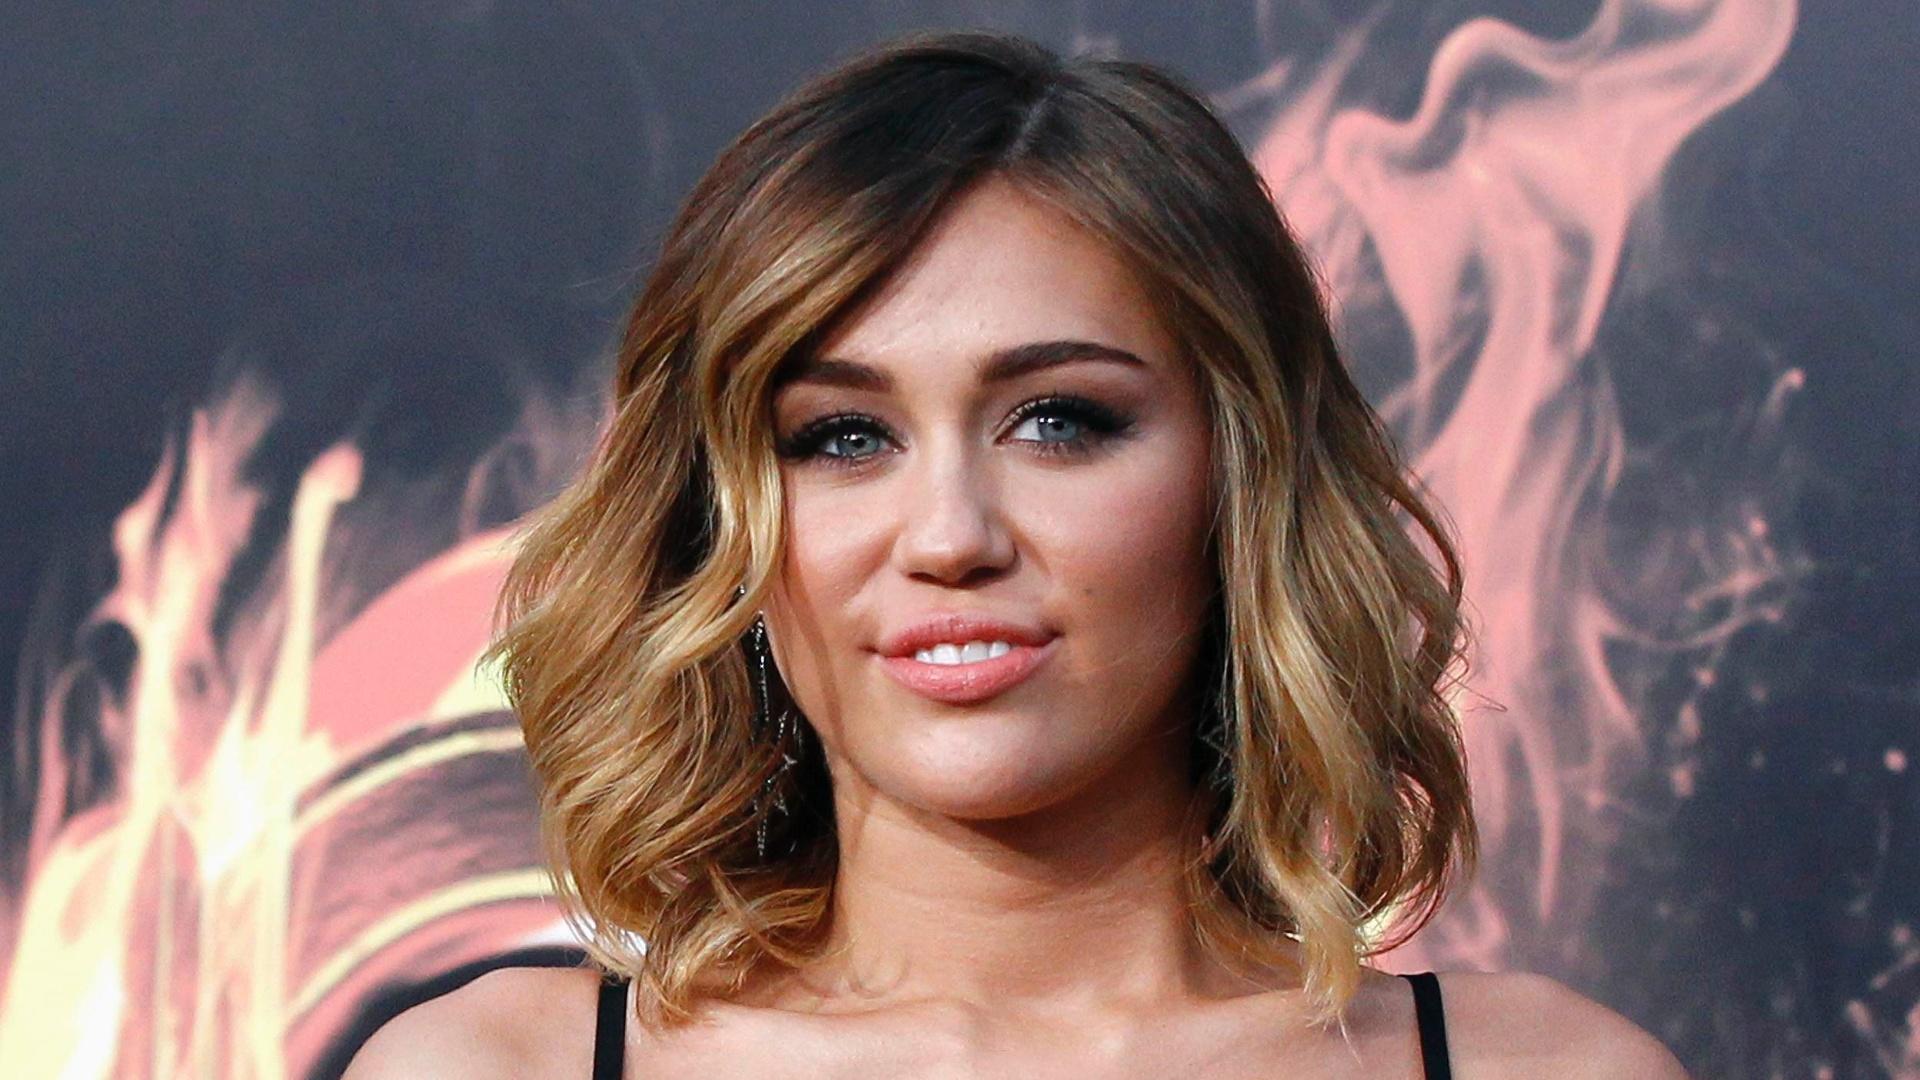 A cantora Miley Cyrus na pré-estreia de